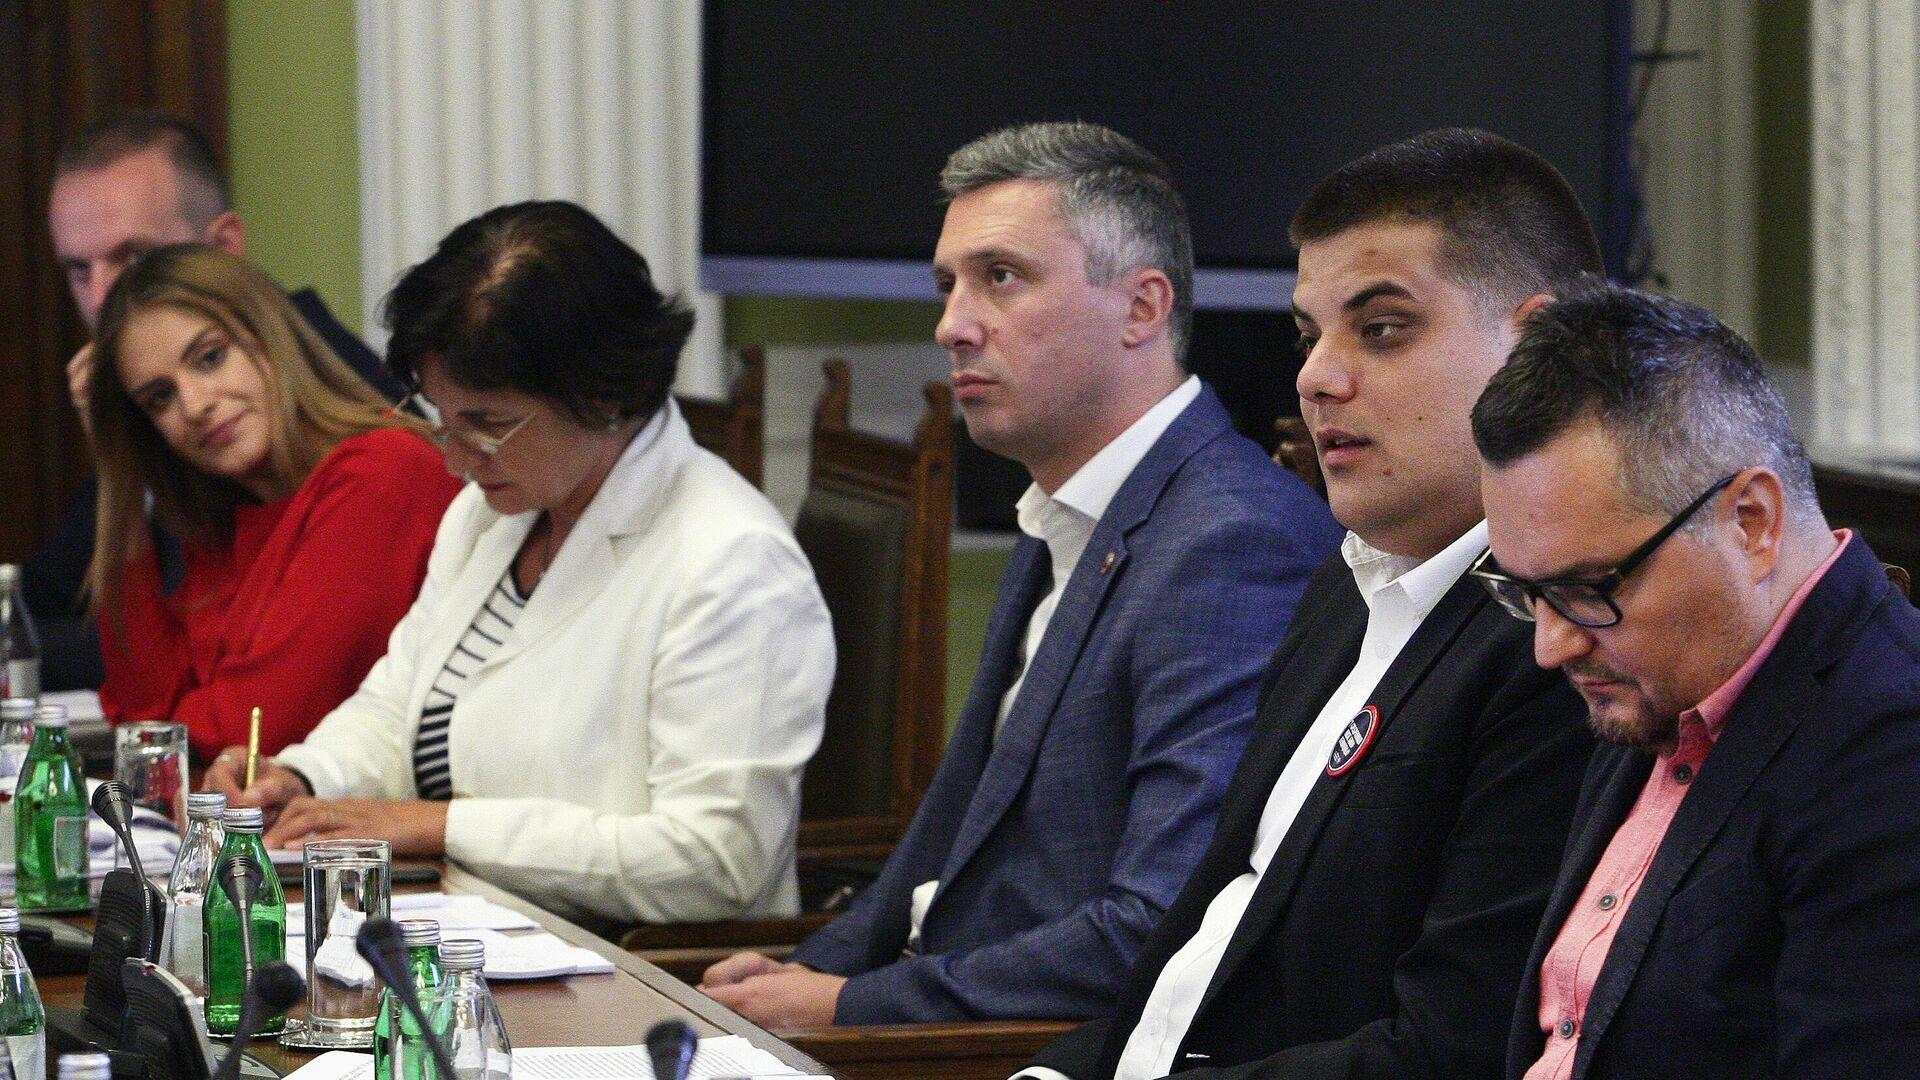 Састанак Радне групе за међустраначки дијалог који се одвија без странаца у Скупштини Србије - Sputnik Србија, 1920, 10.09.2021